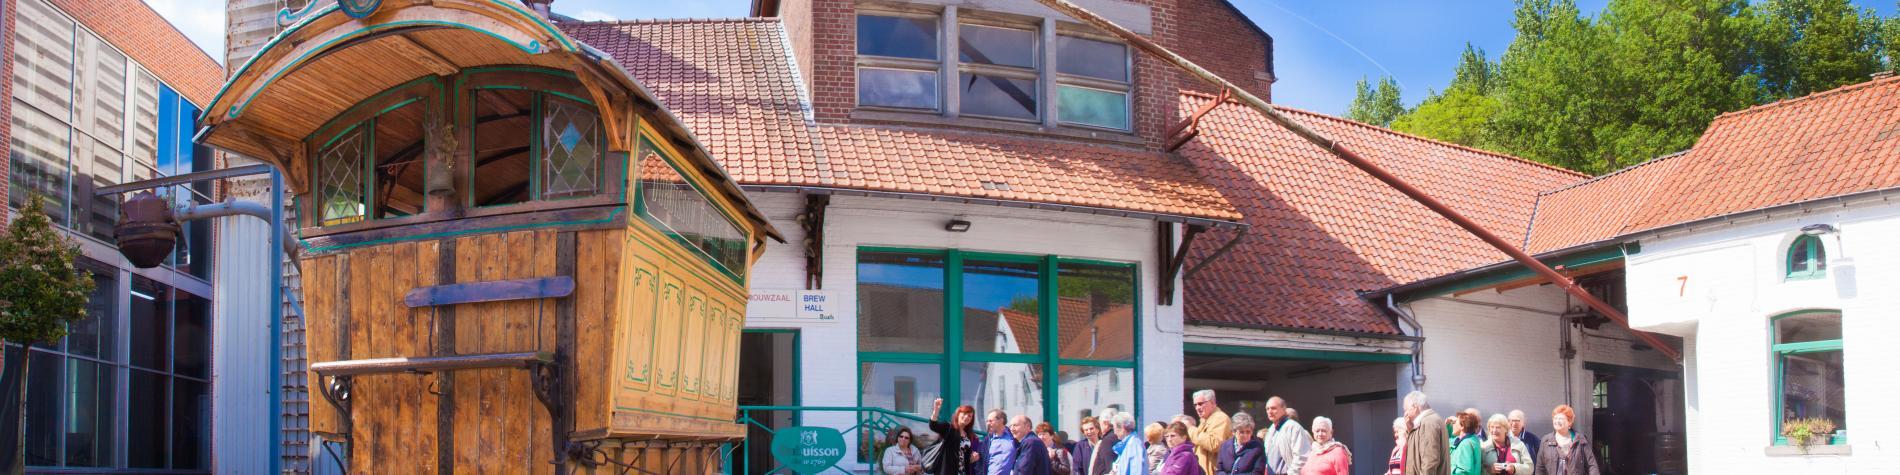 Brasserie Dubuisson - vue extérieure